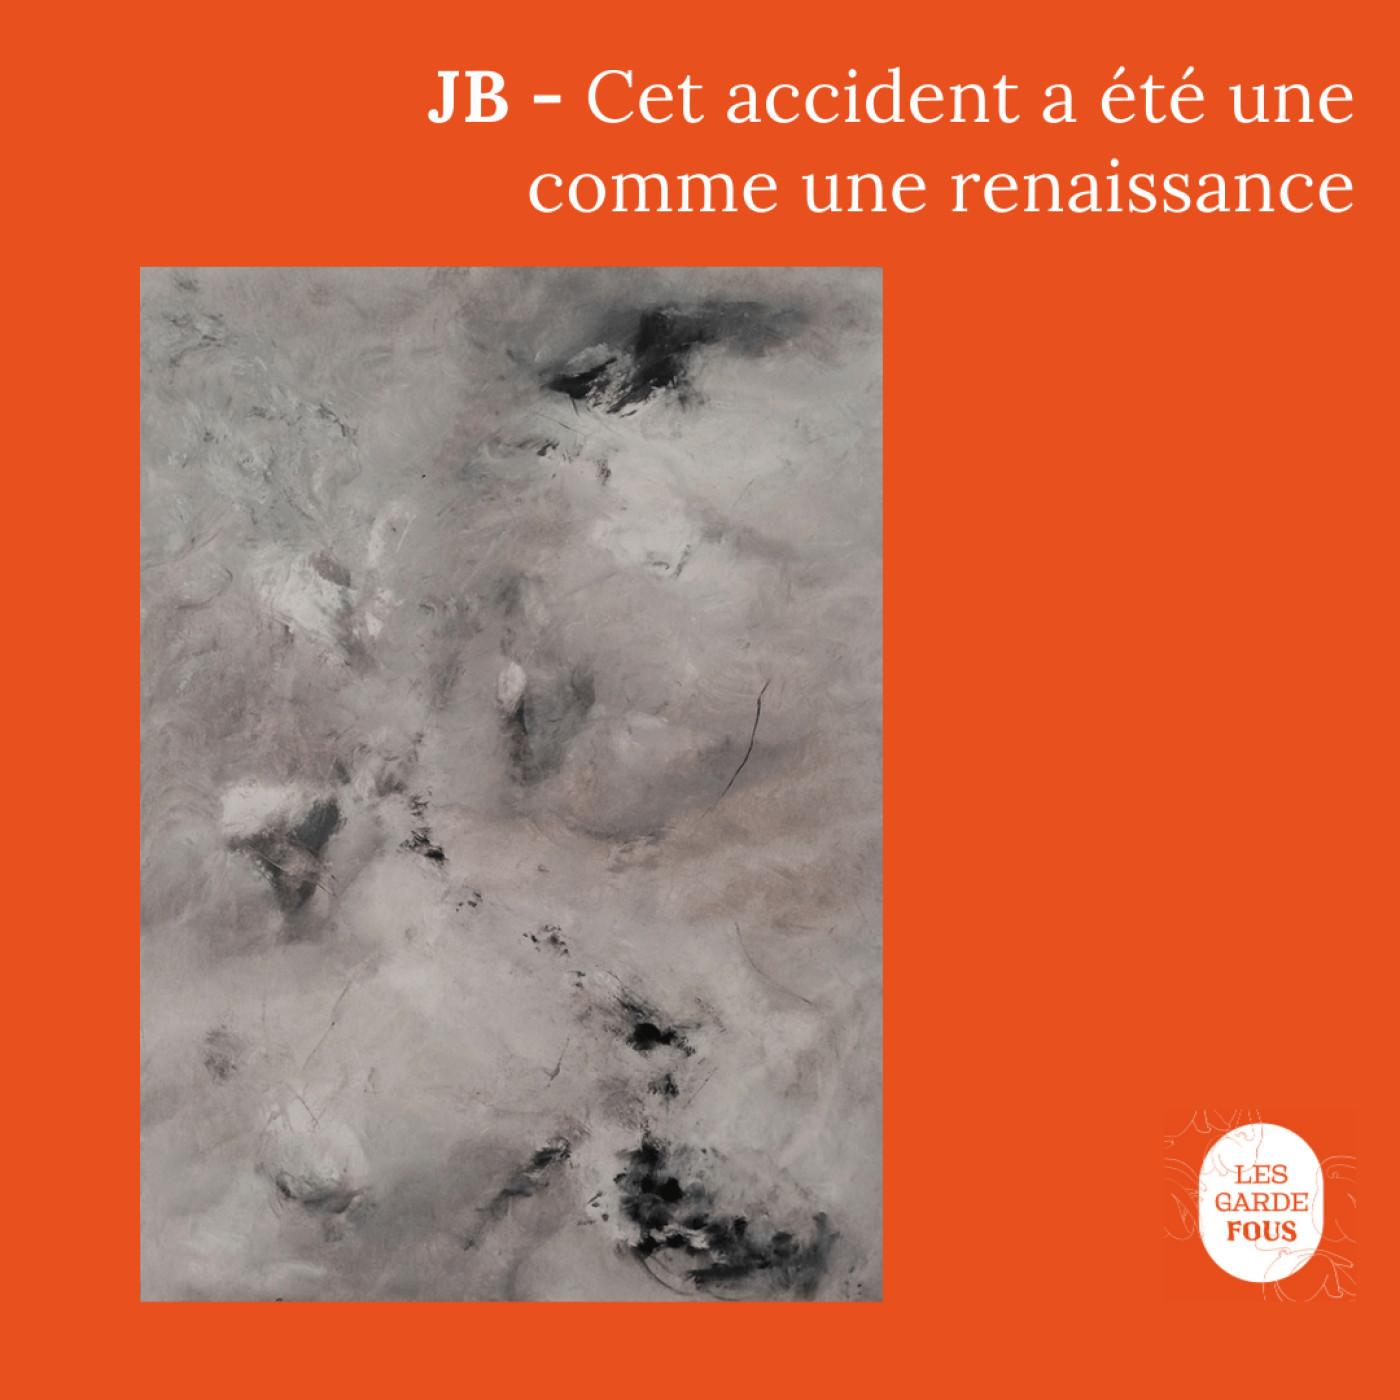 JB, cet accident a été comme une renaissance